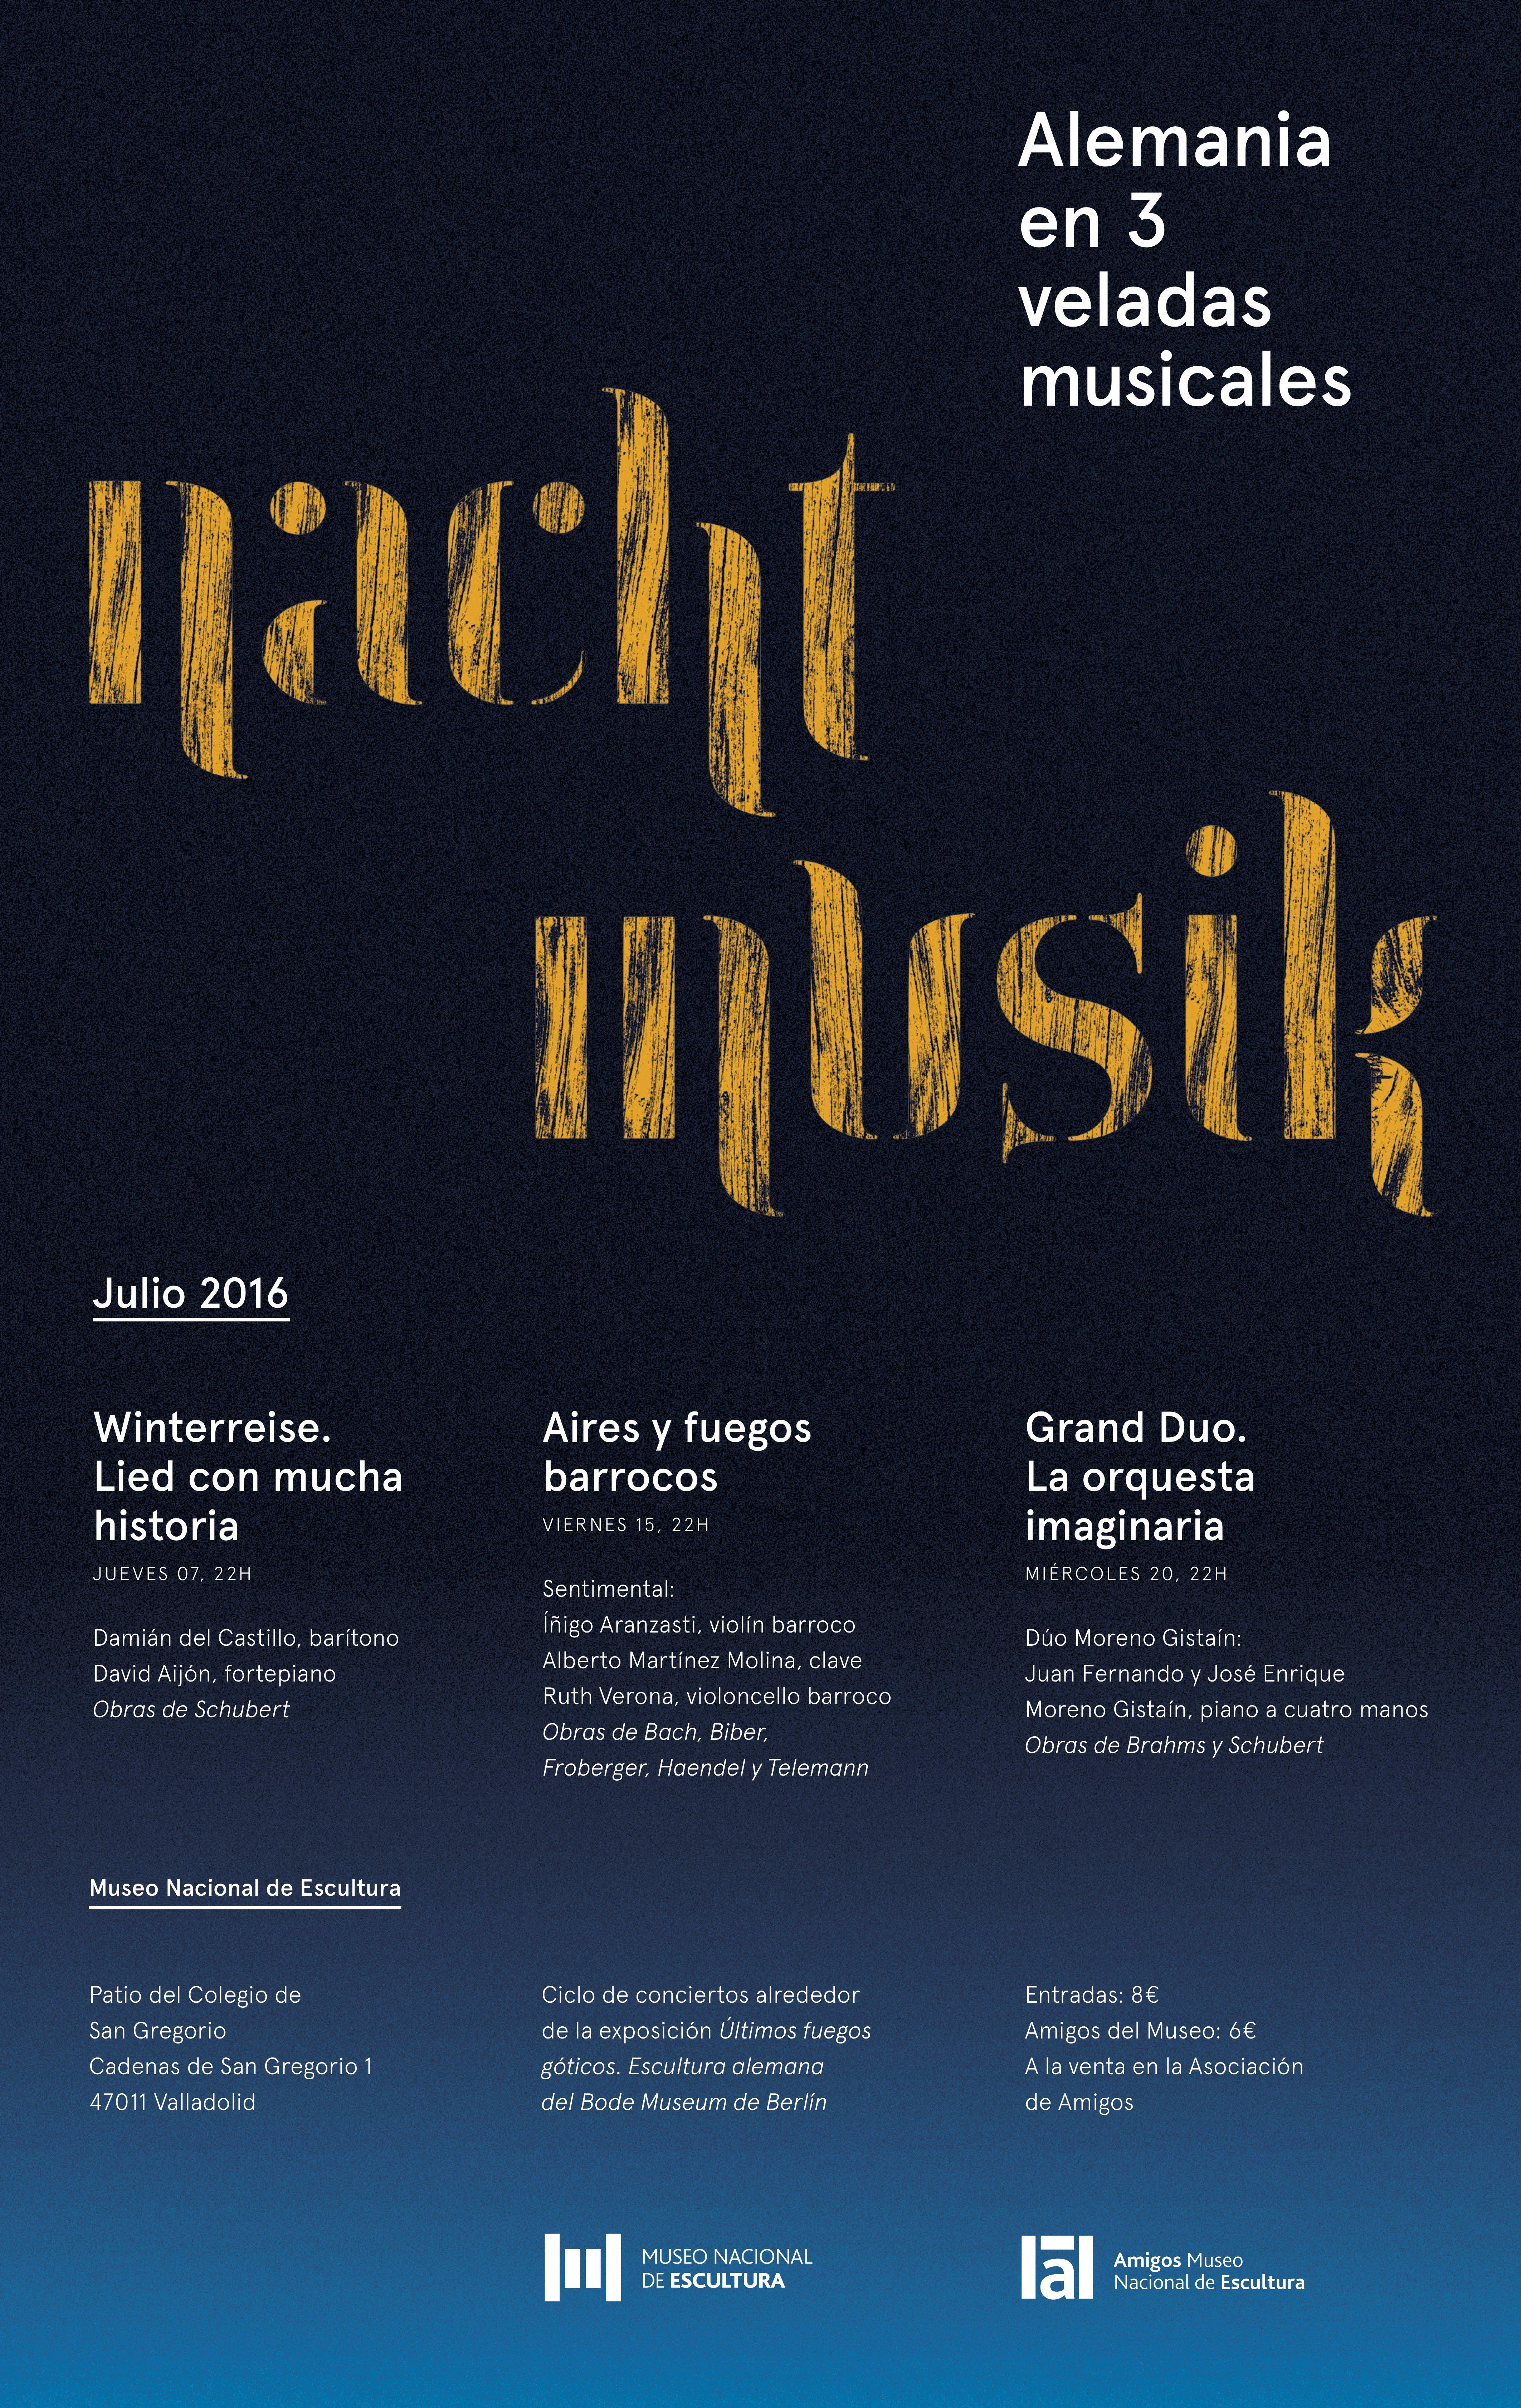 NATCHMUSIK 05 - poster general 02 media